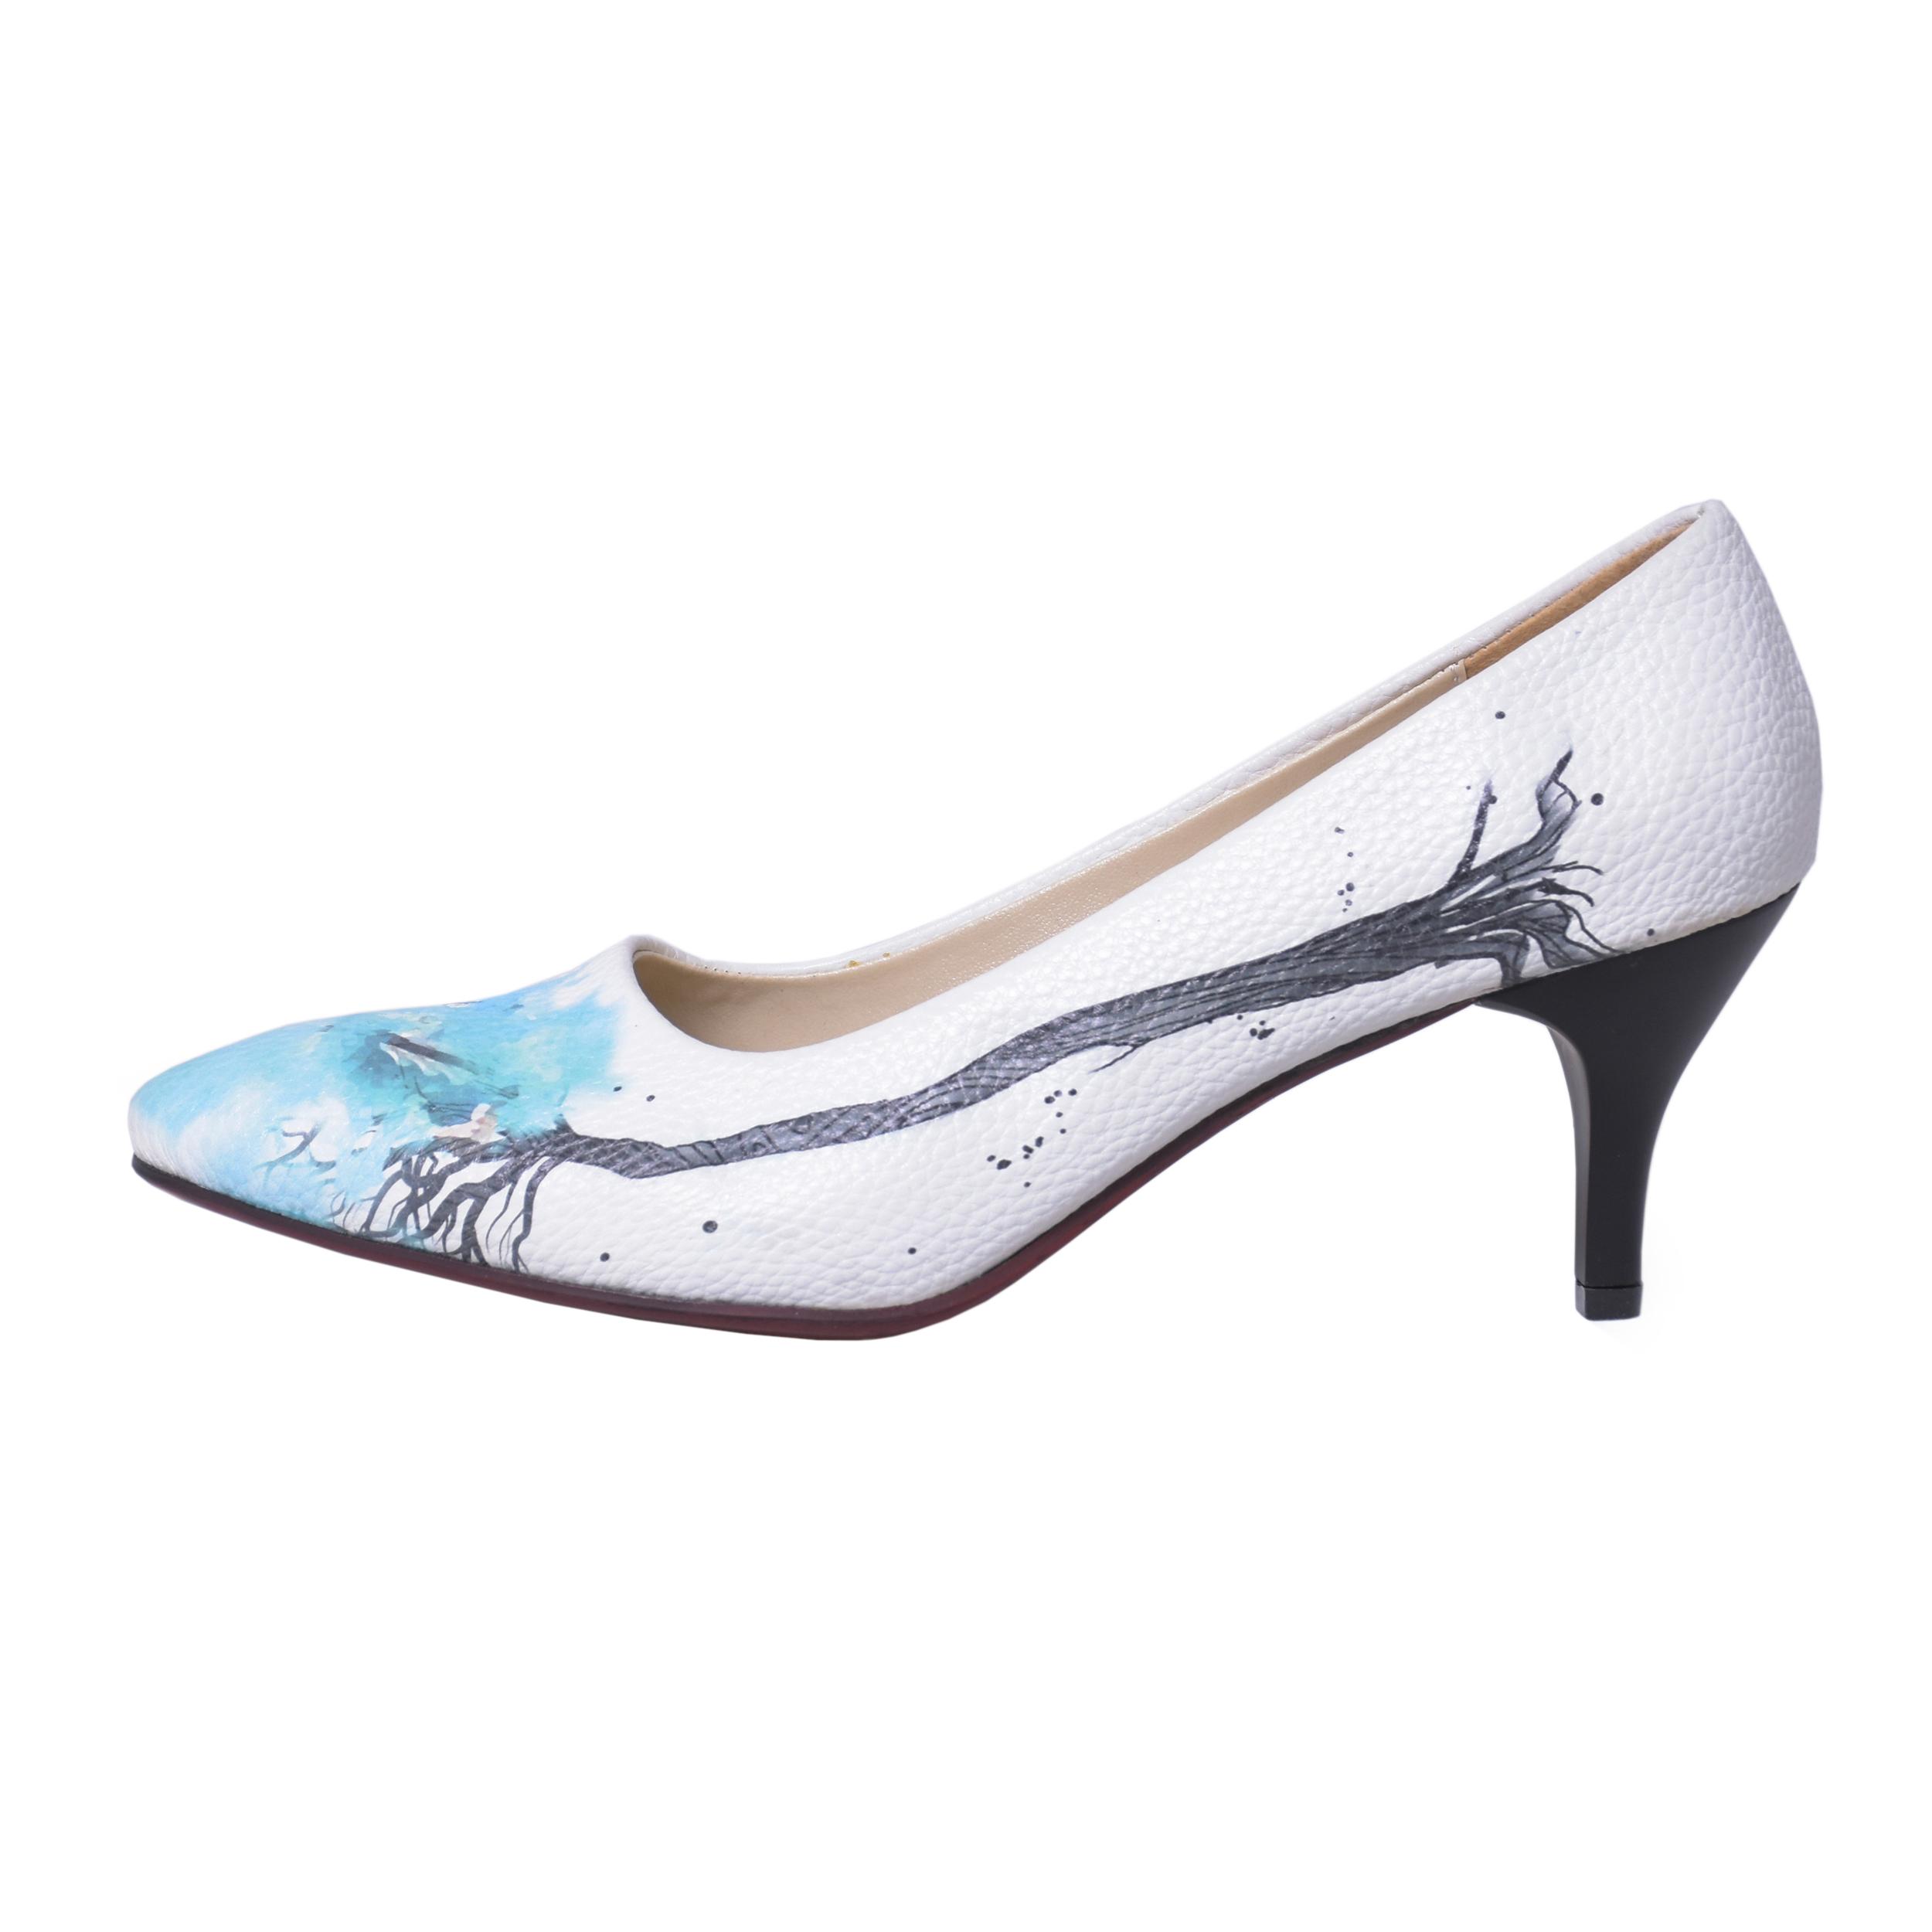 کفش نه جاویا طرح پاییز کد 003